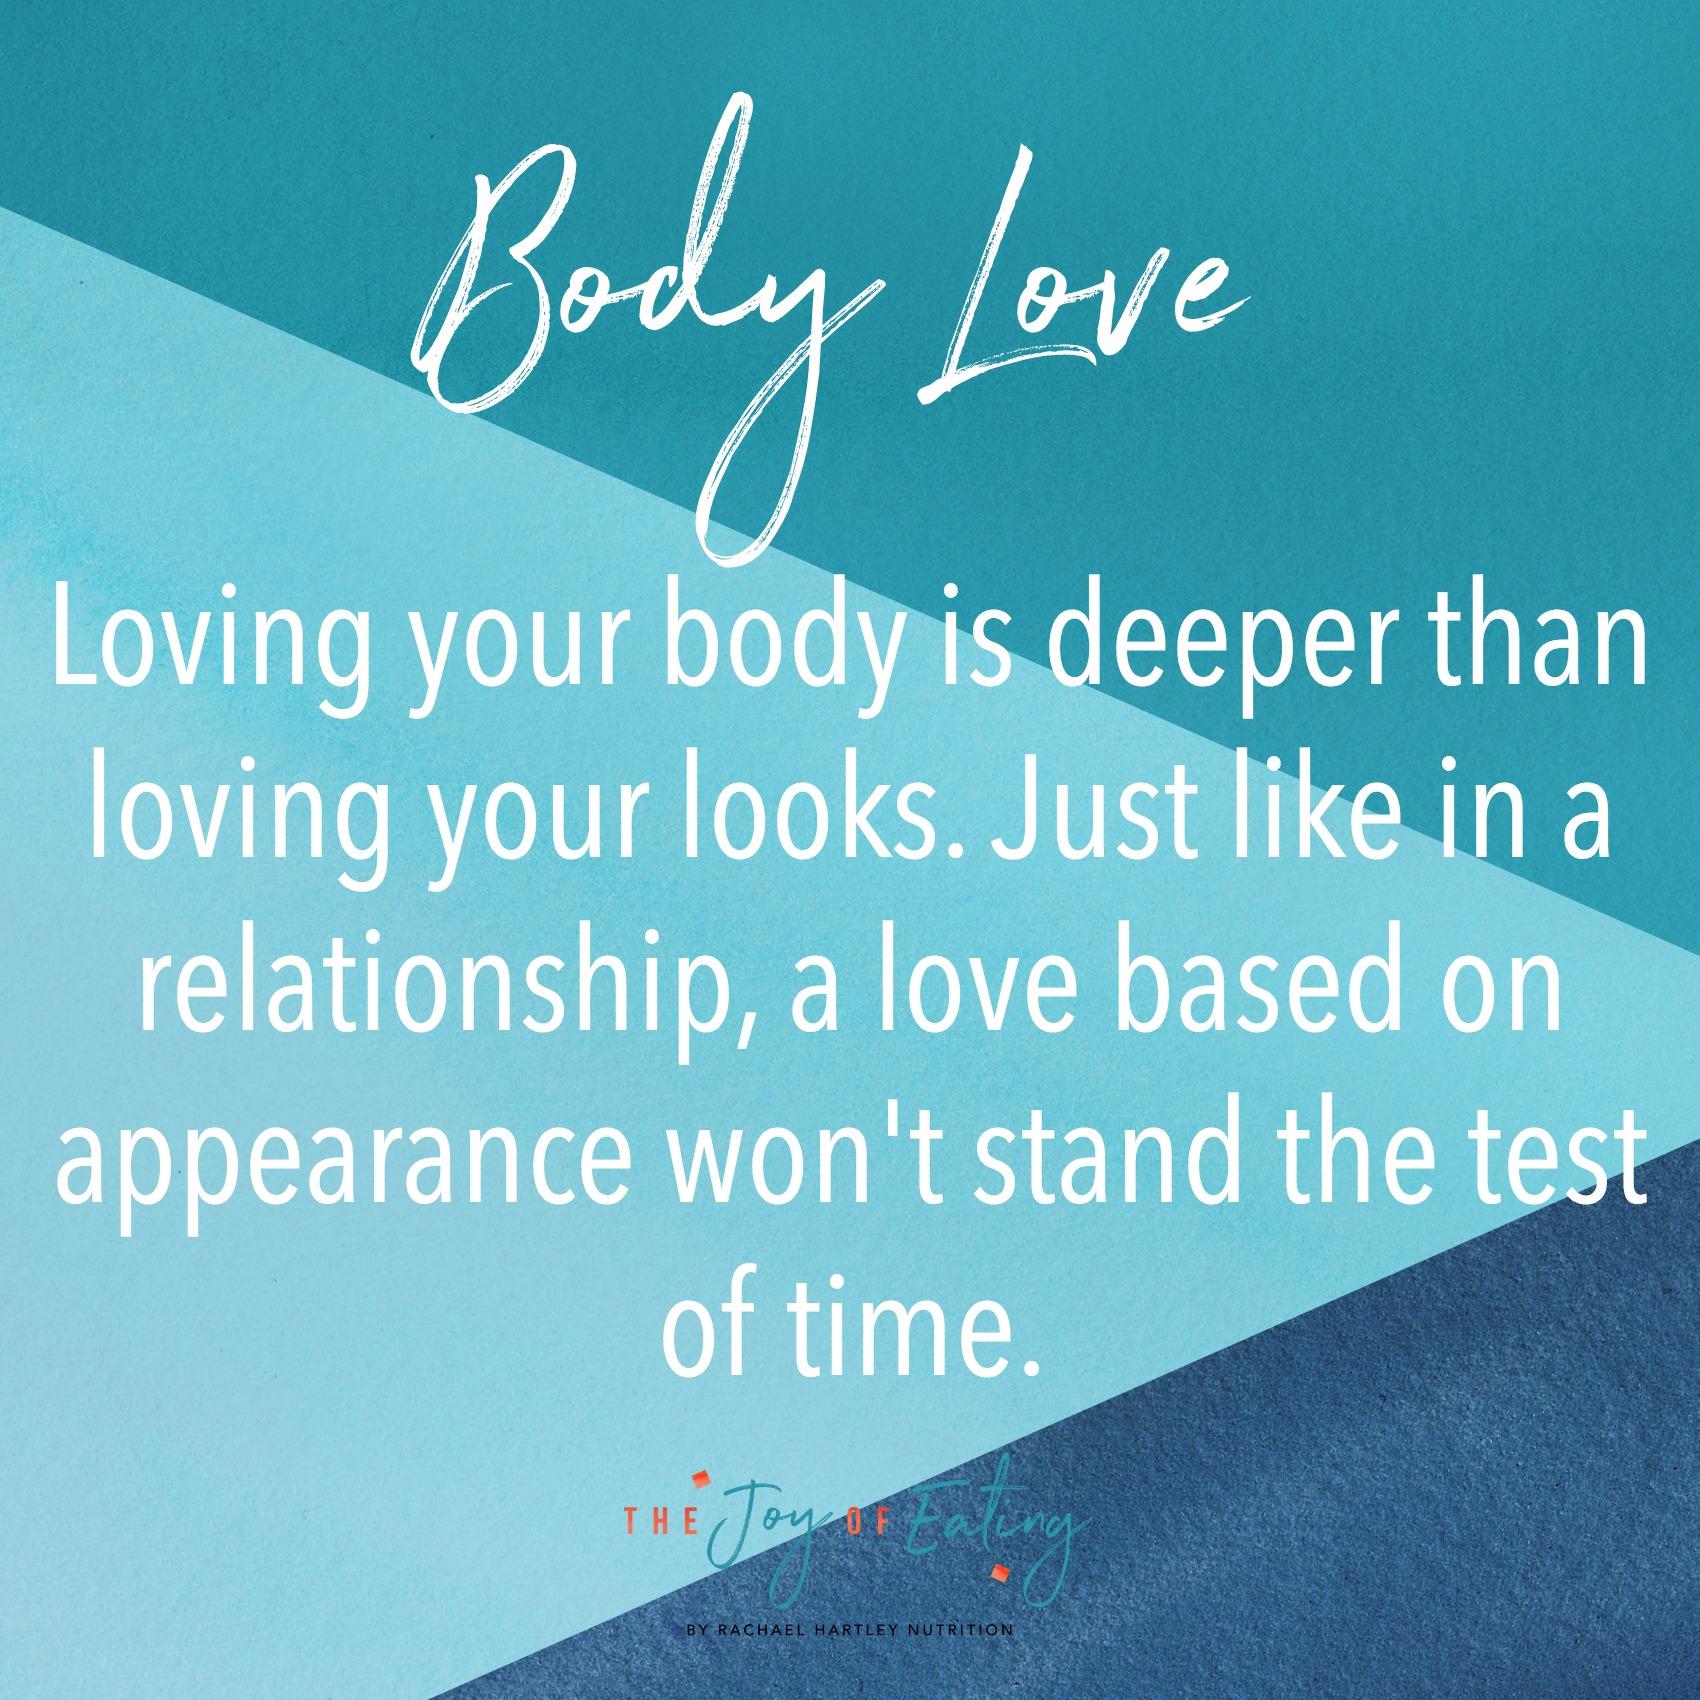 body-love.jpg